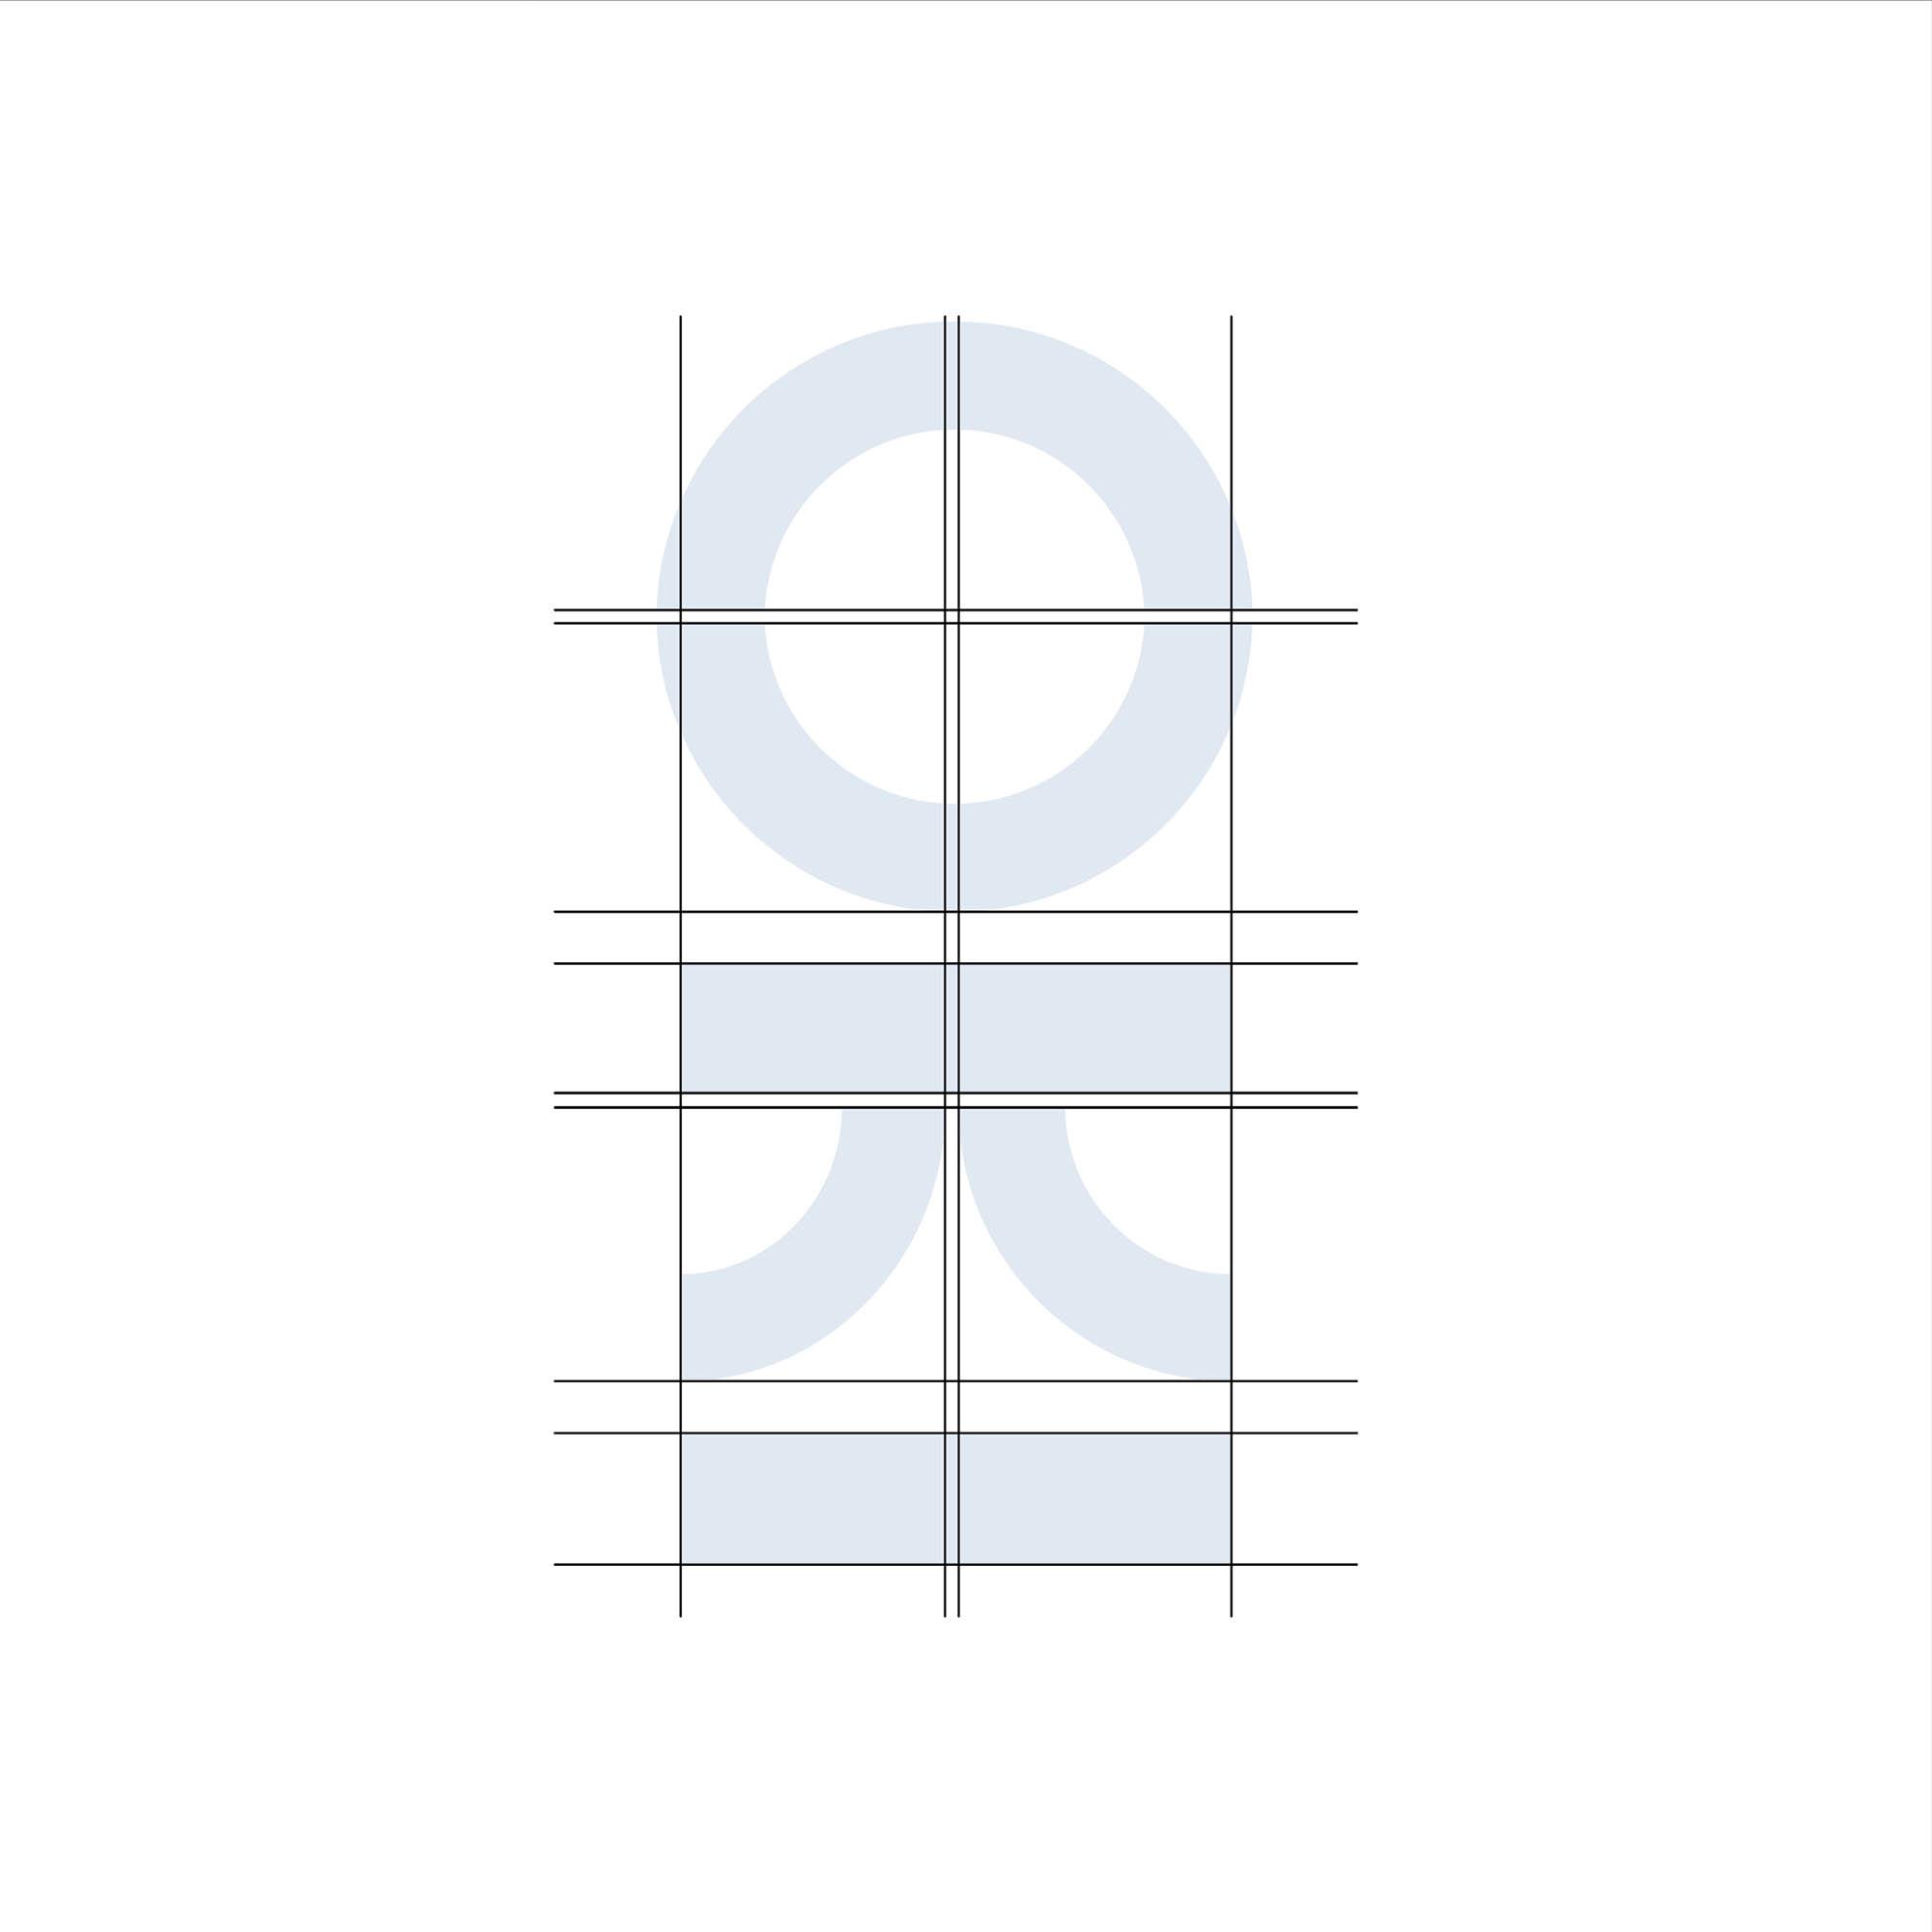 OKI grid